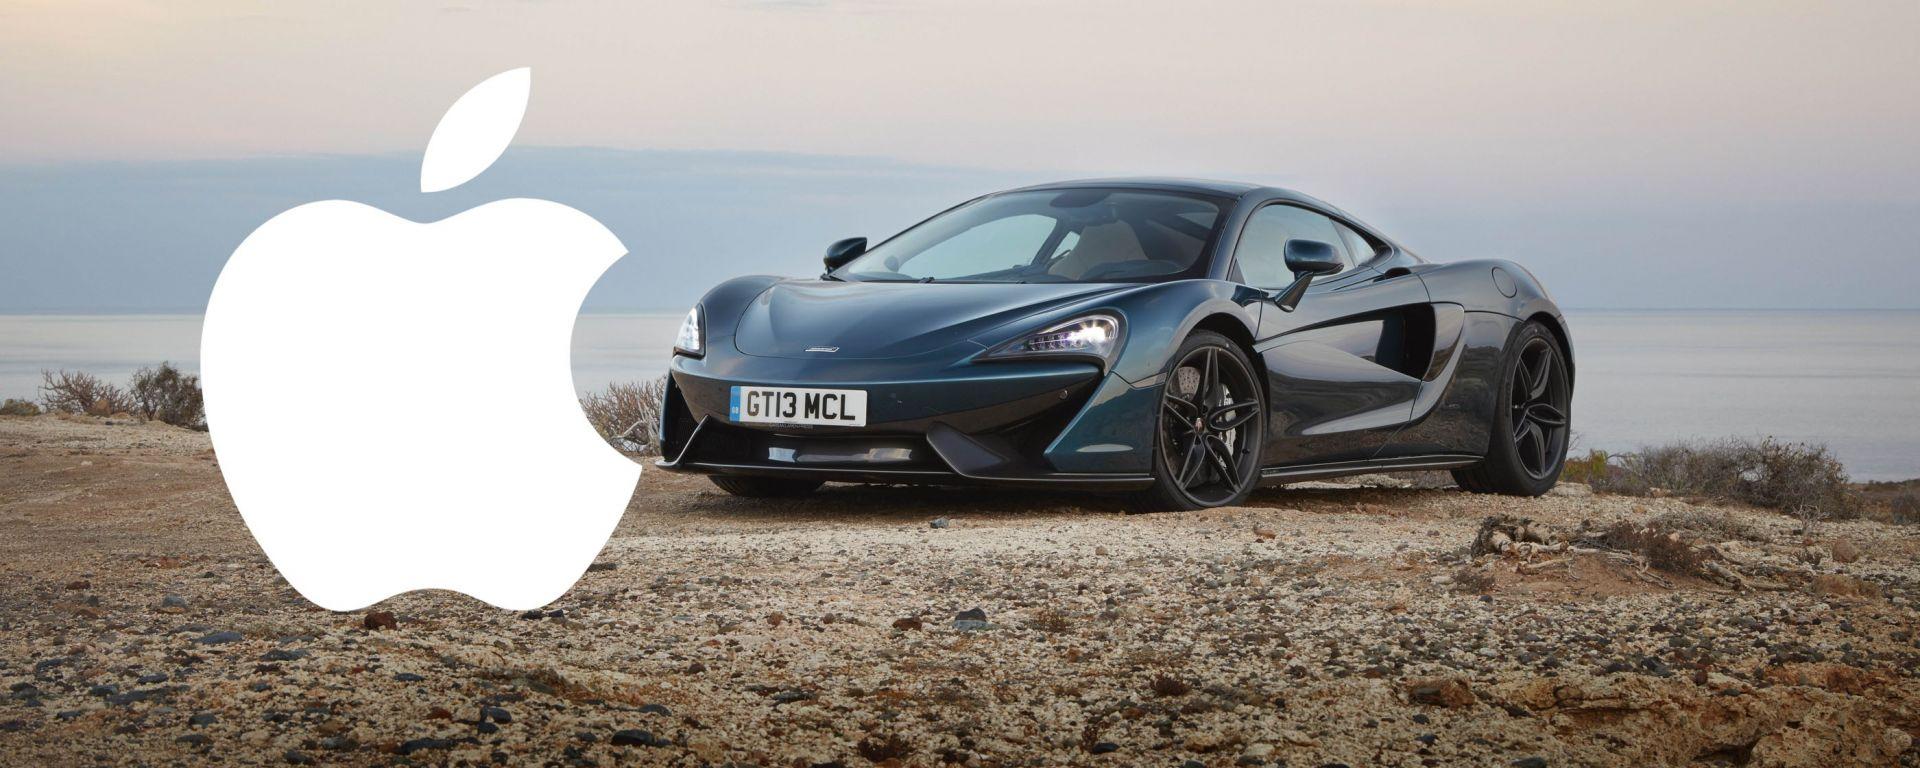 Apple sarebbe interessata ad acquistare McLaren. La notizia l'ha lanciata il Financial Times e la Casa inglese ha smentito